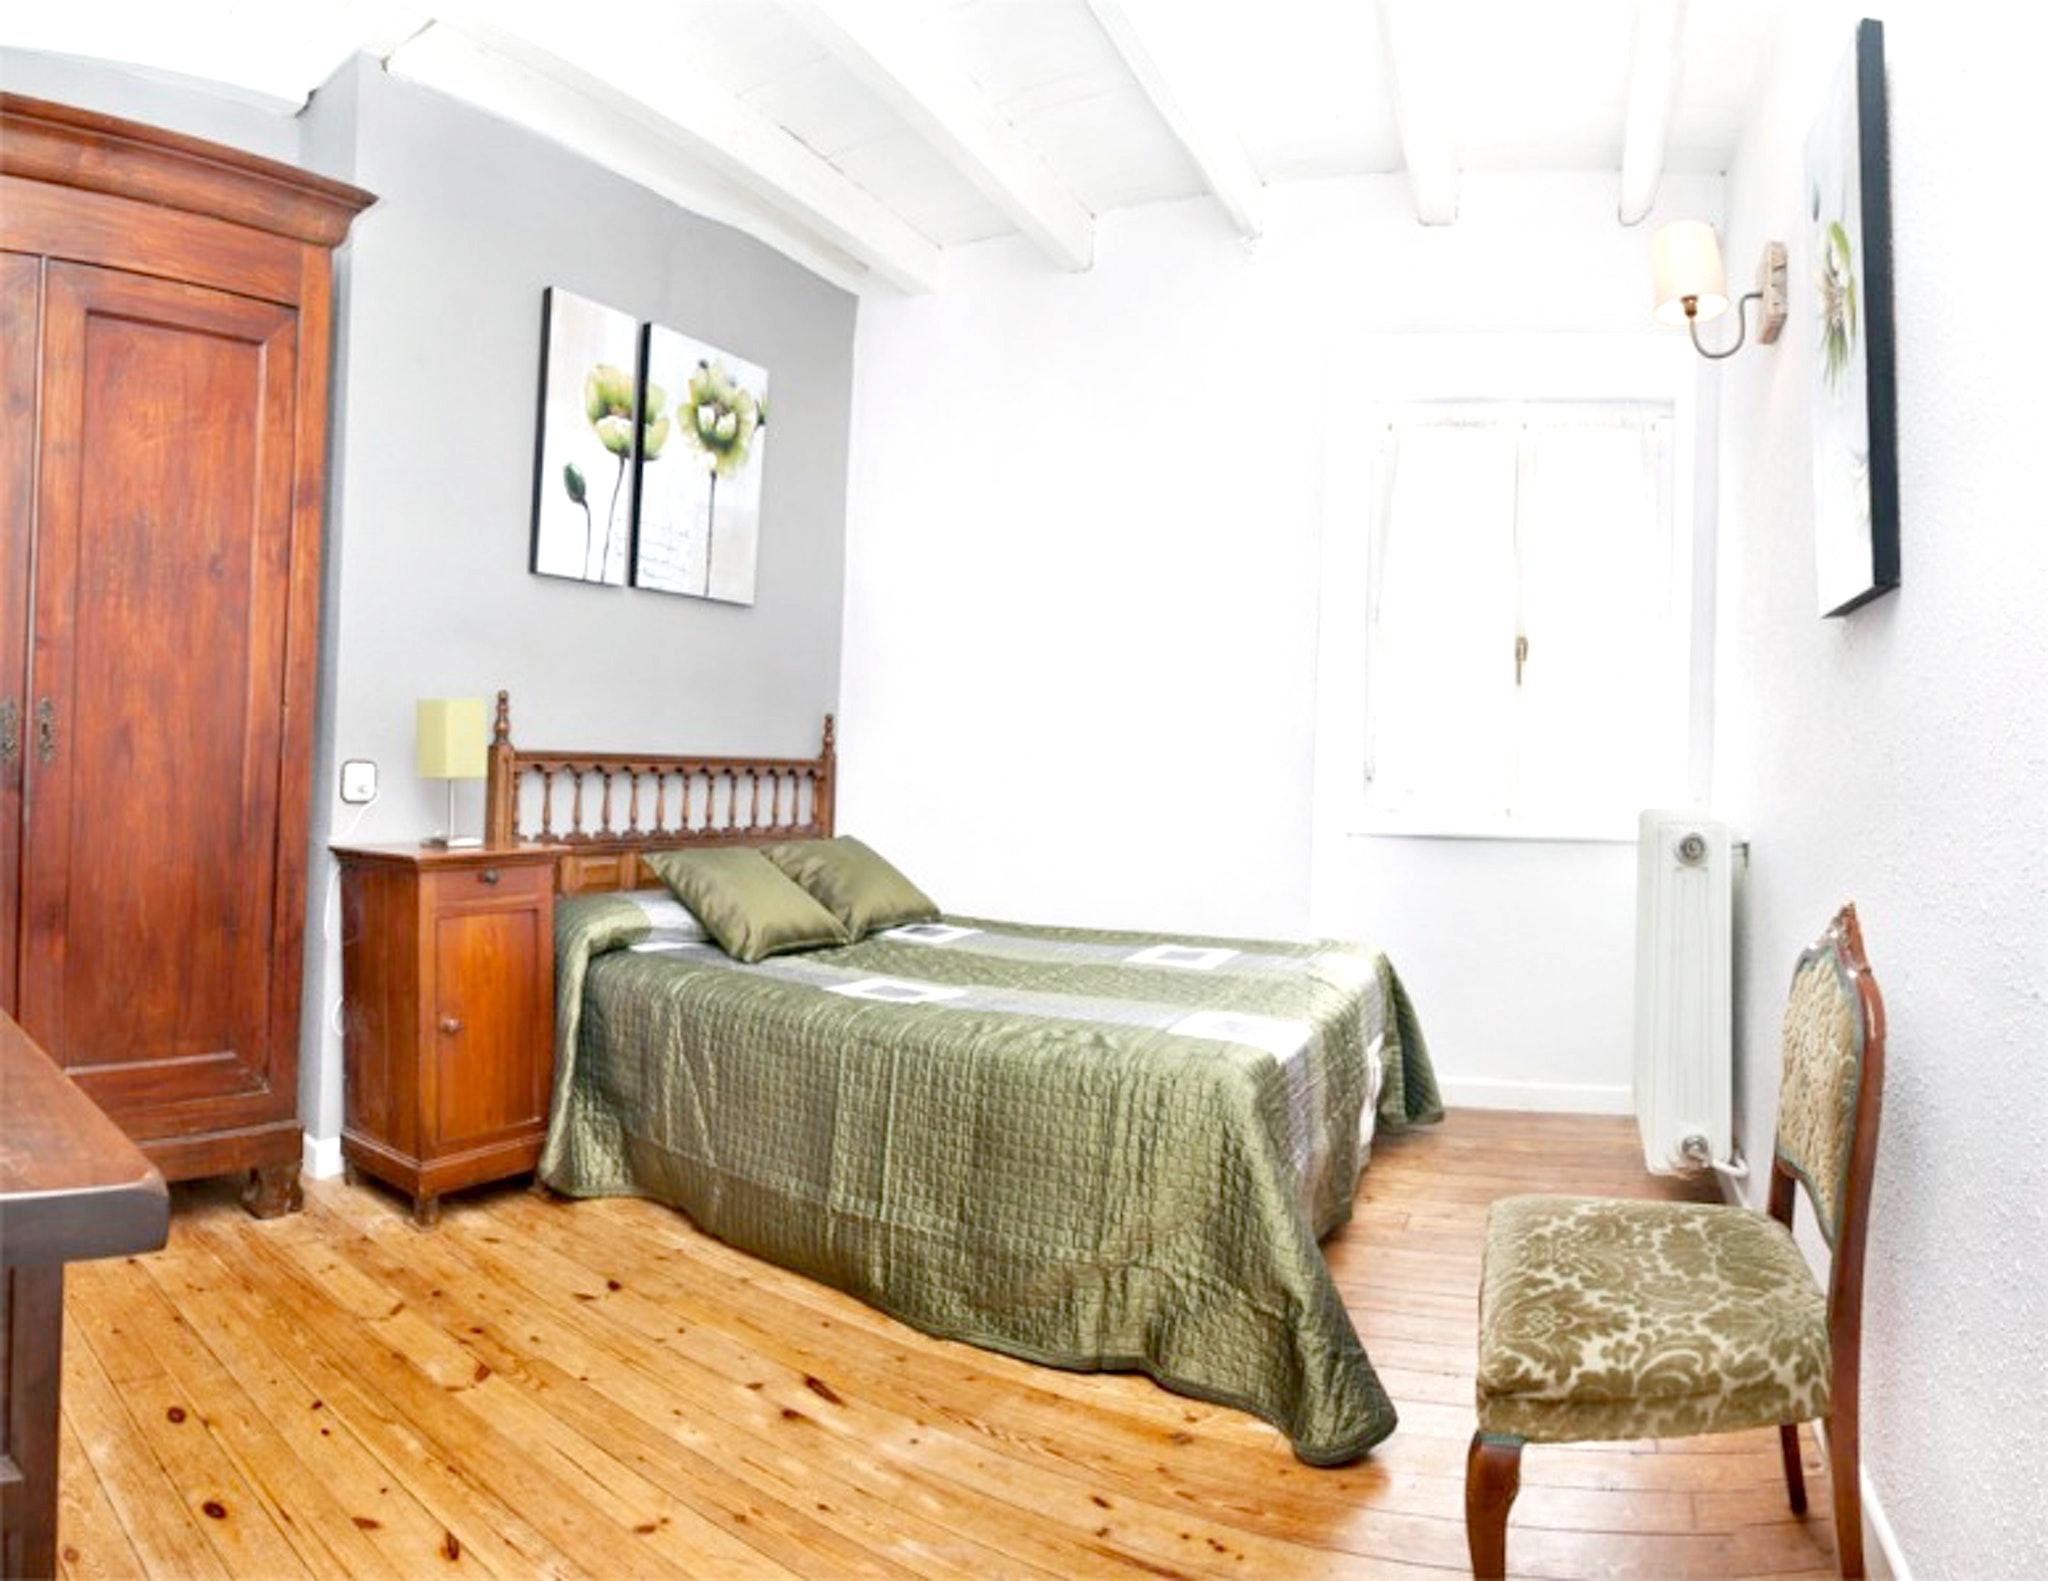 Ferienhaus Haus mit 4 Schlafzimmern in Valcarlos mit toller Aussicht auf die Berge, eingezäuntem Gart (2519329), Gañecoleta, , Navarra, Spanien, Bild 12